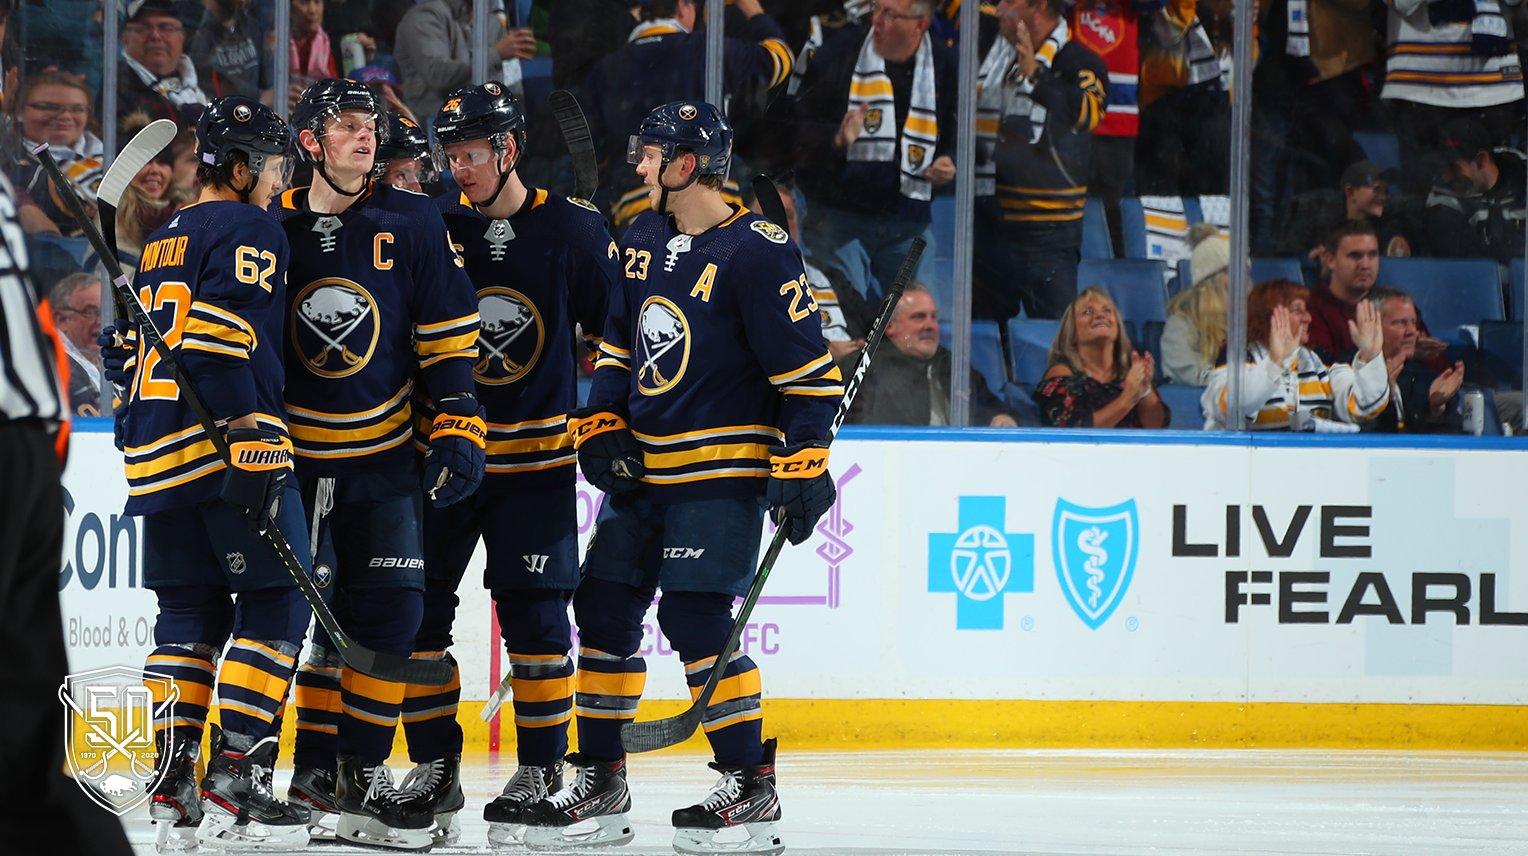 Jack Eichel scores four goals, Sabres defeat Senators, 4-2